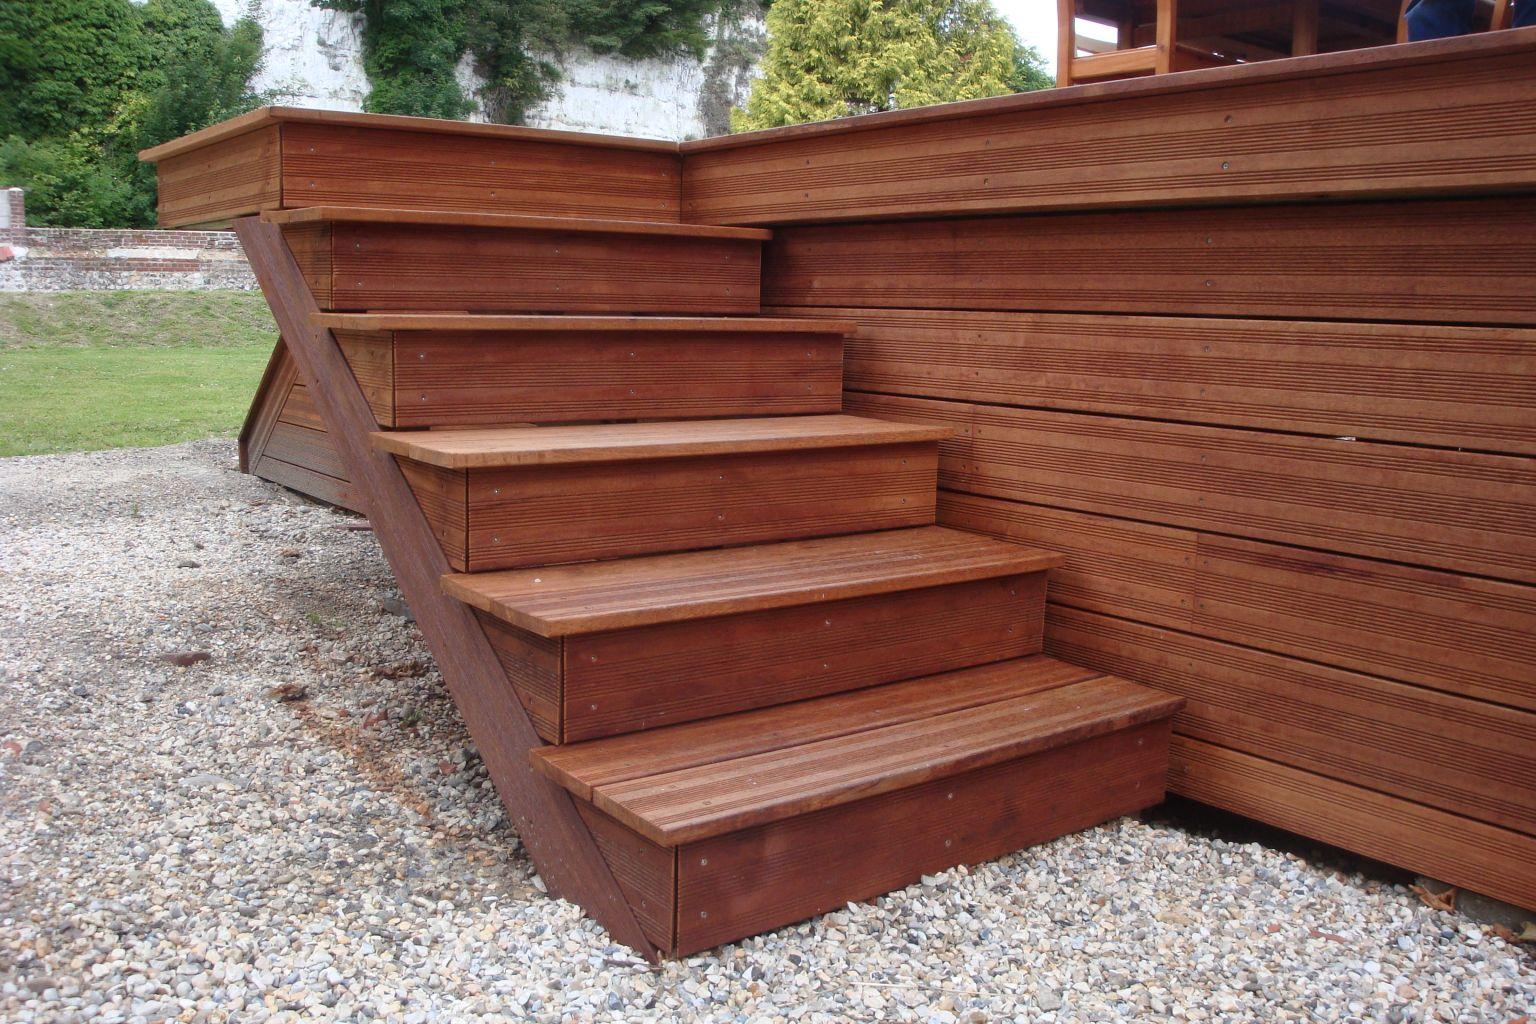 terrasse bois exotique dieppe 76200 djsl bois. Black Bedroom Furniture Sets. Home Design Ideas